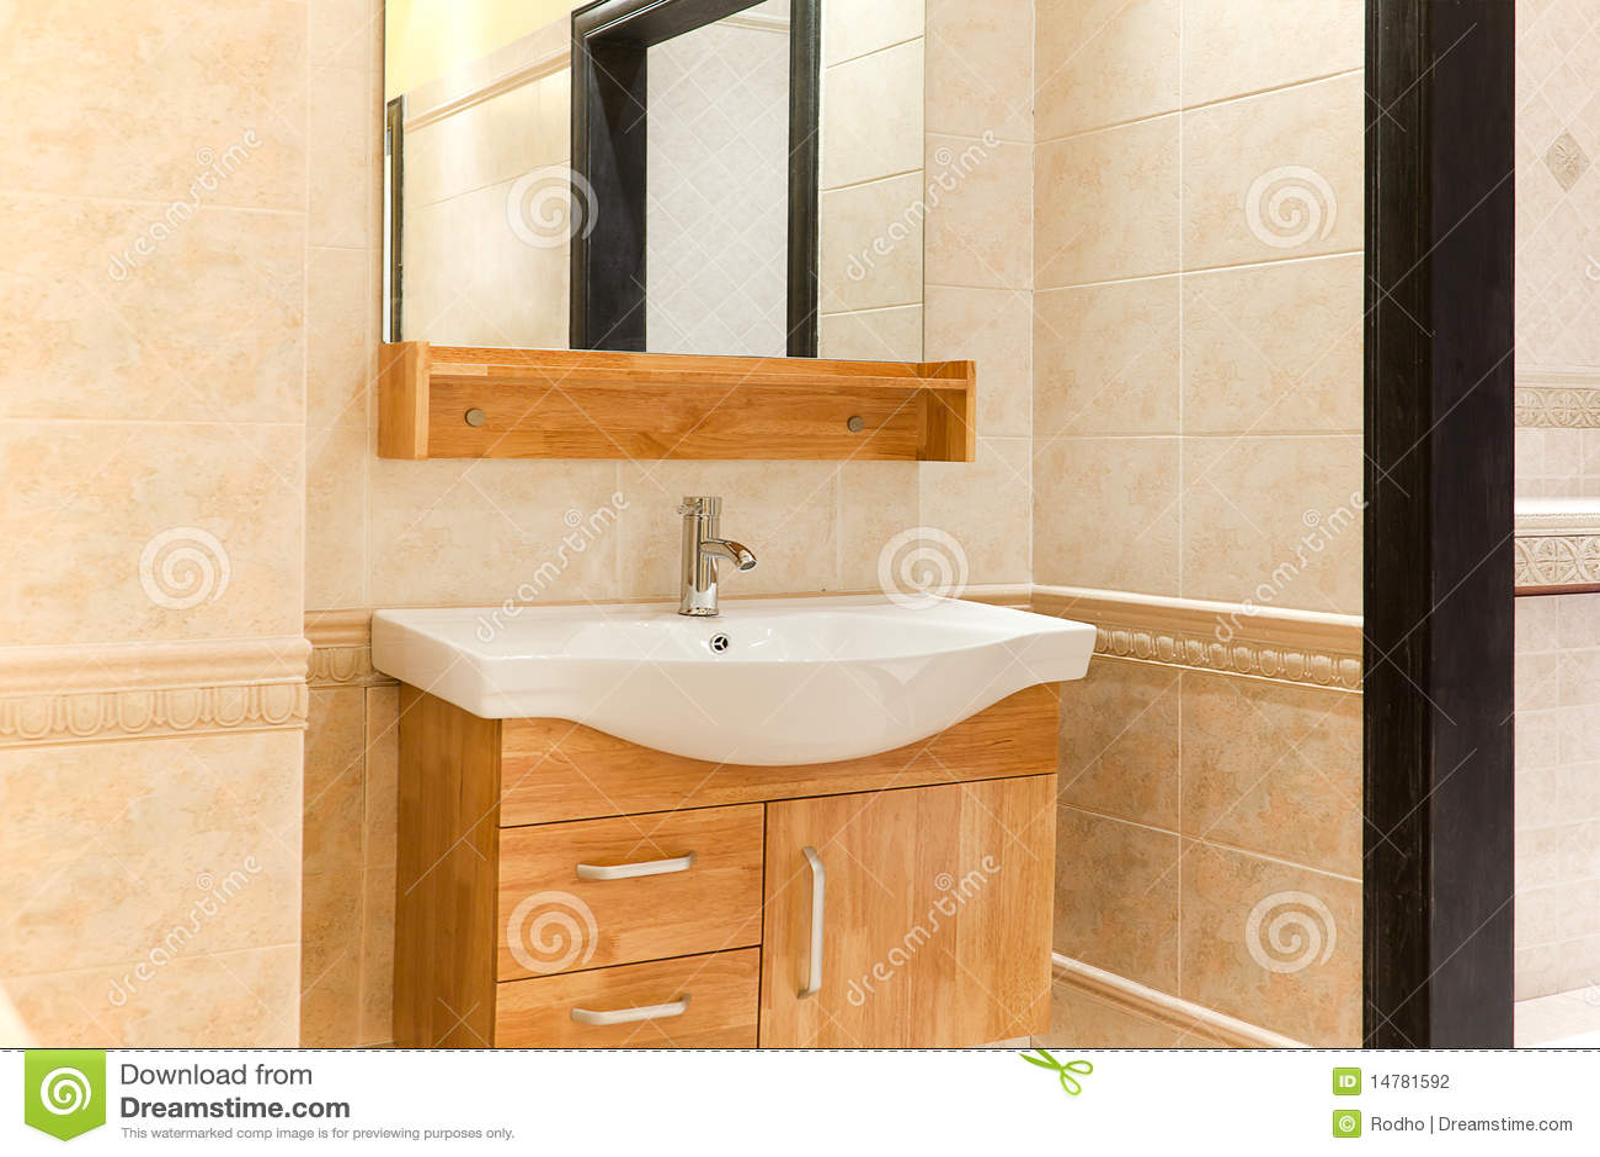 Banheiro Bonito Fotografia de Stock Imagem: 14781592 #824E16 1300 957